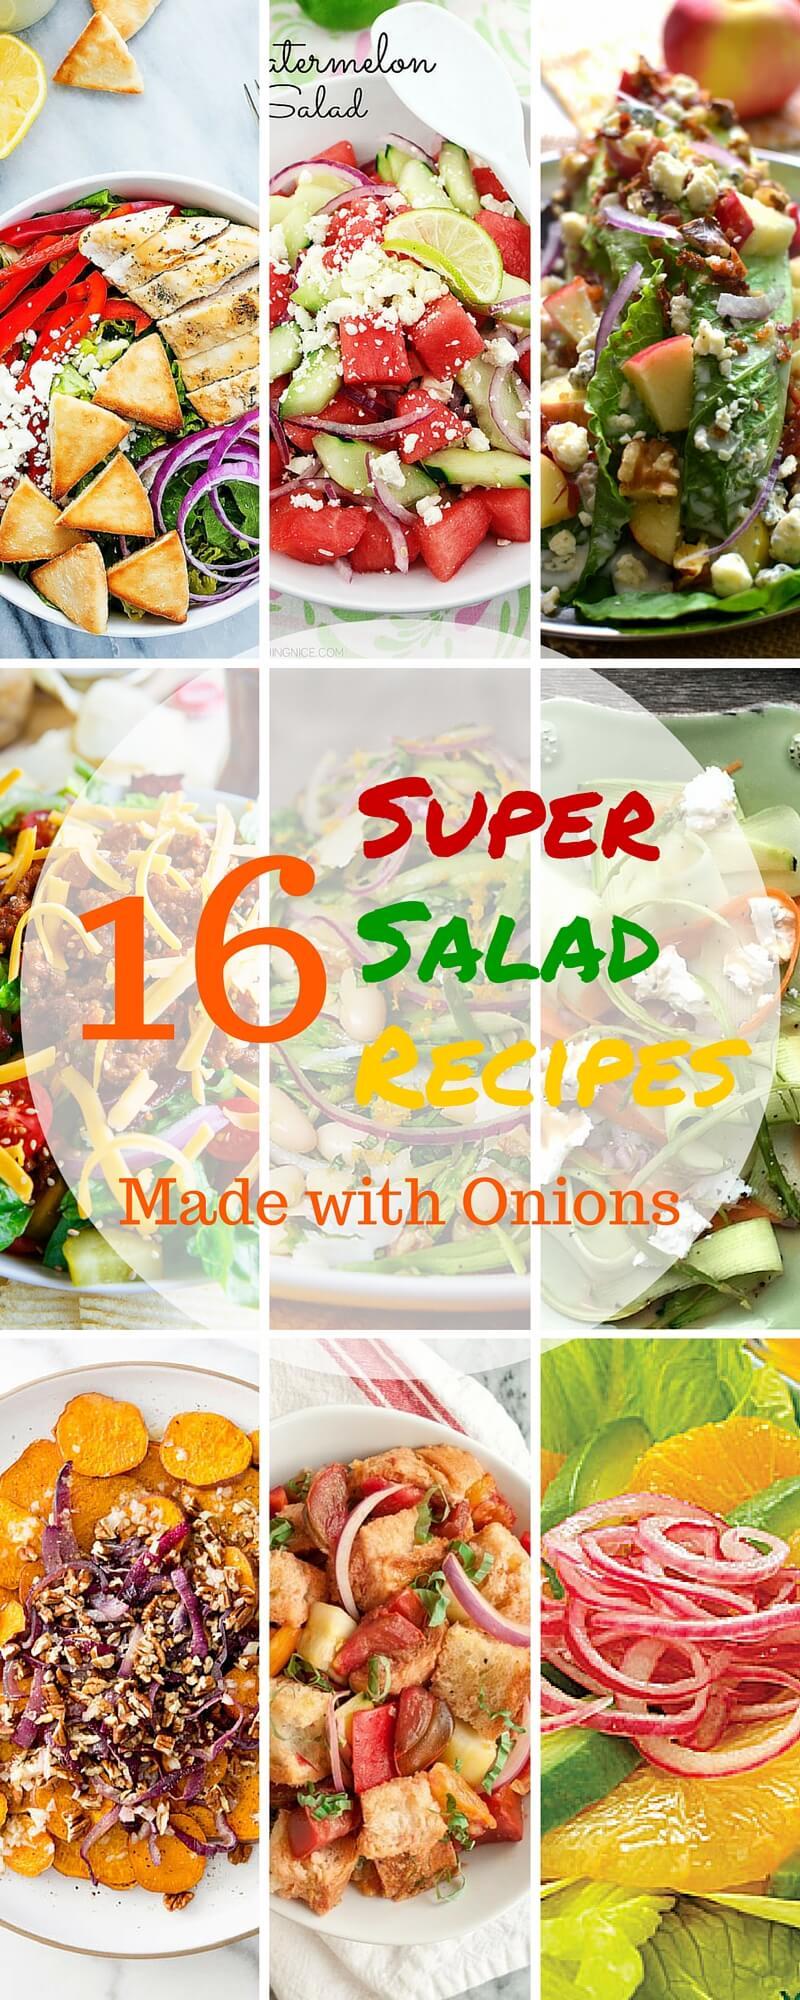 16 Super Salad Recipes